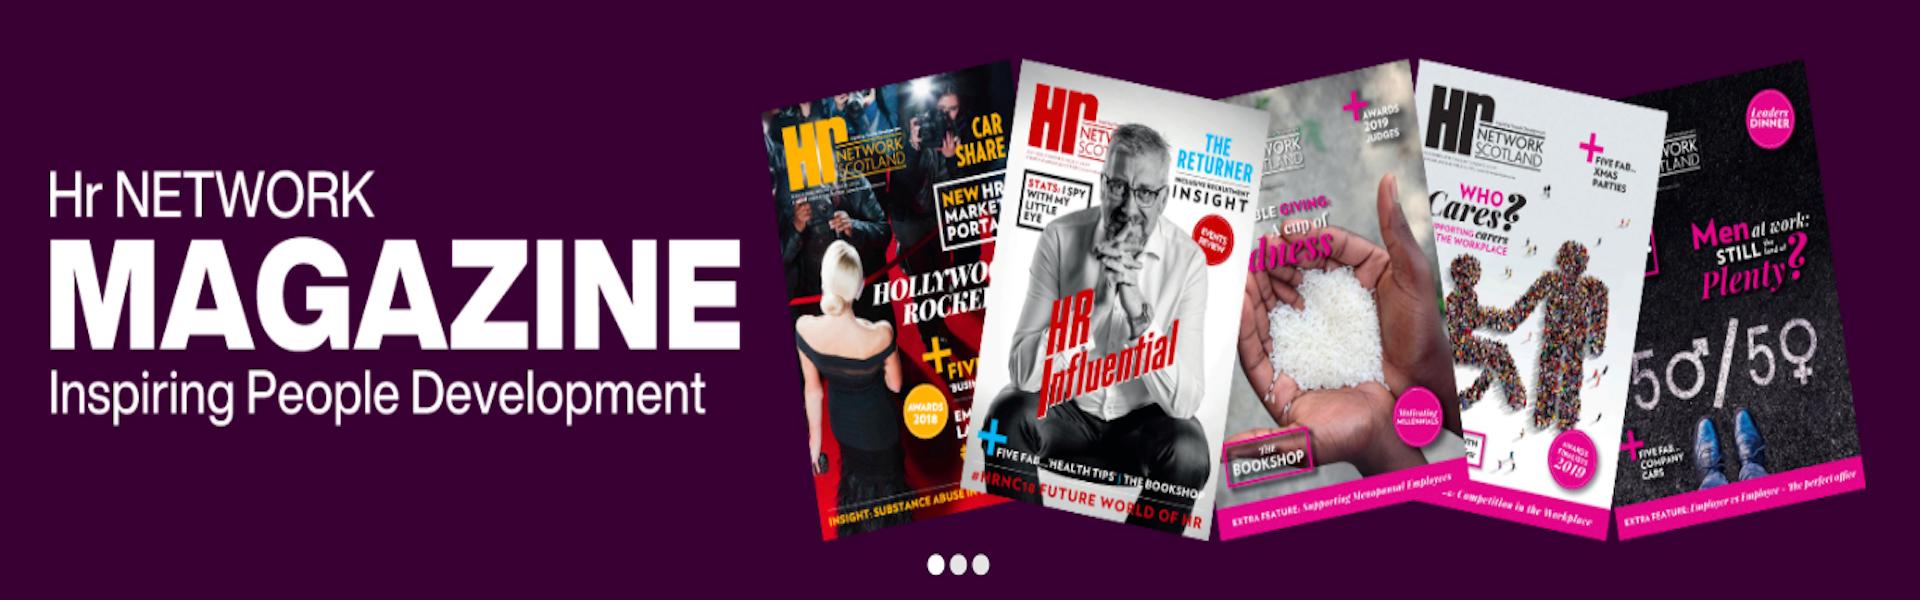 Hr NETWORK Magazine